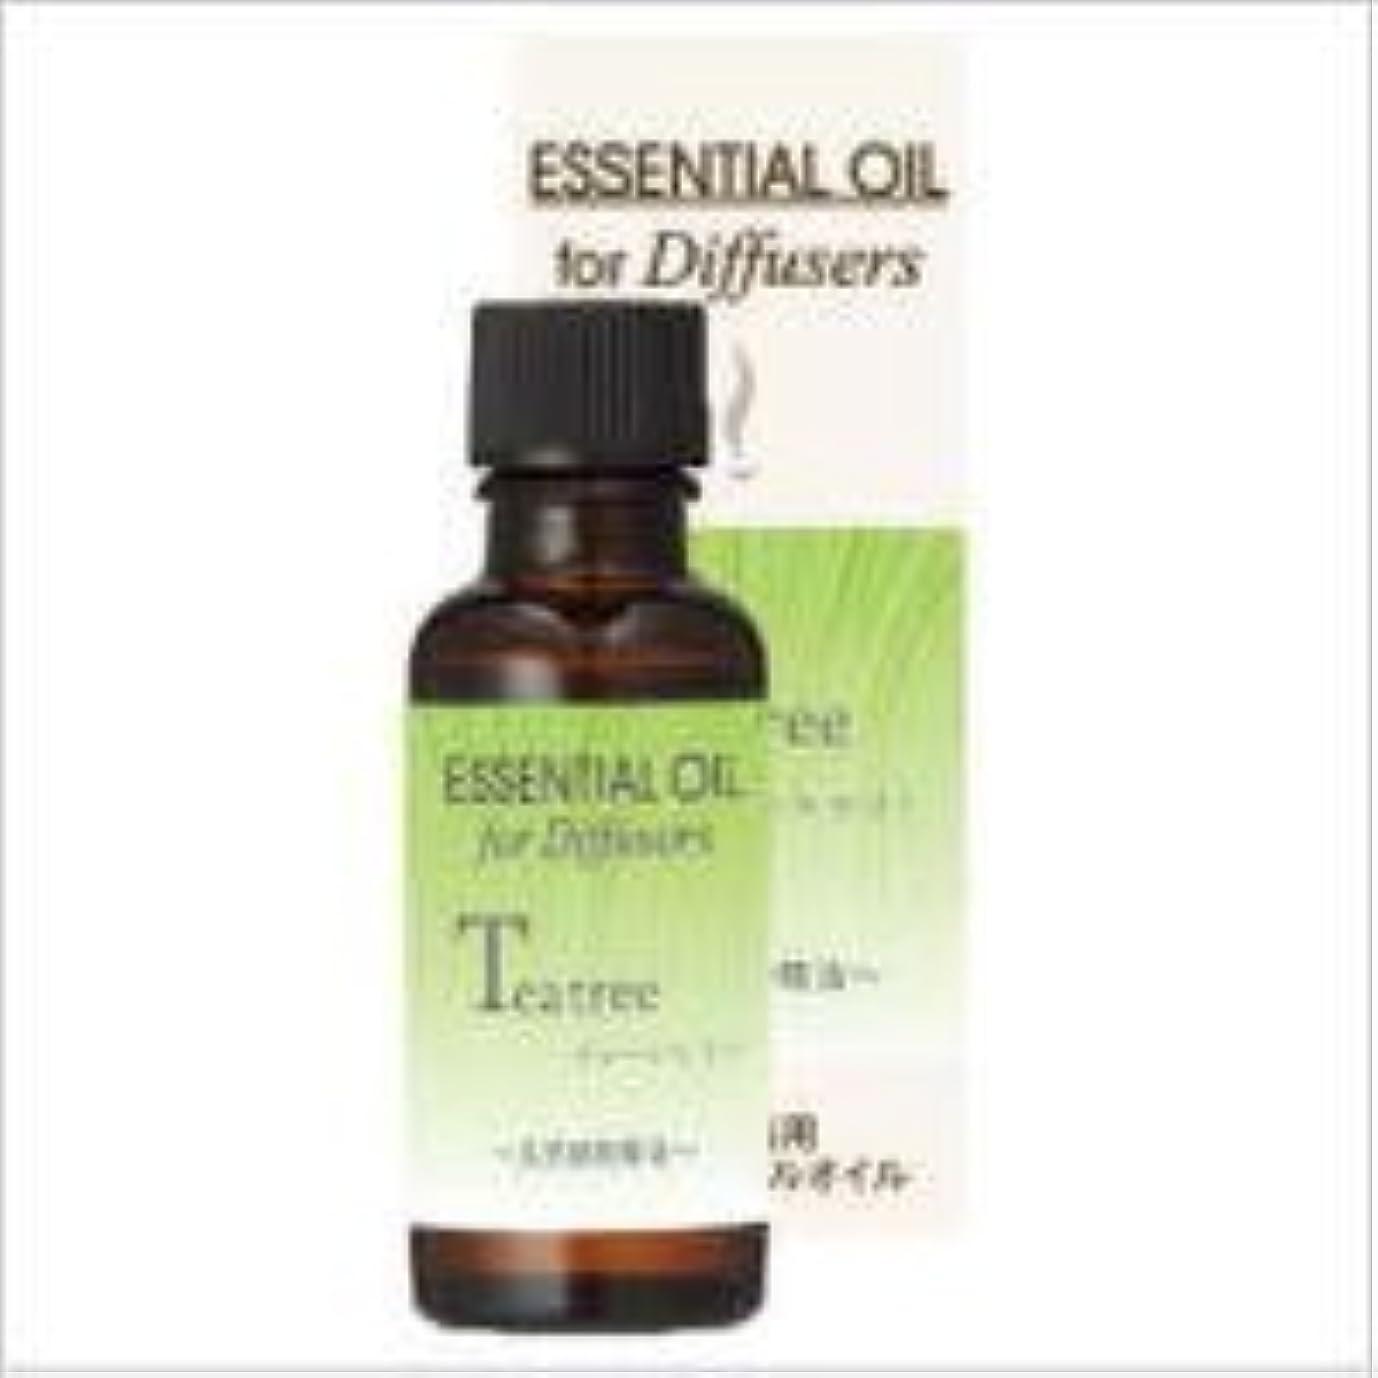 離れたうがい薬酸生活の木 芳香浴用エッセンシャルオイル ティートゥリー[30ml] エッセンシャルオイル/精油